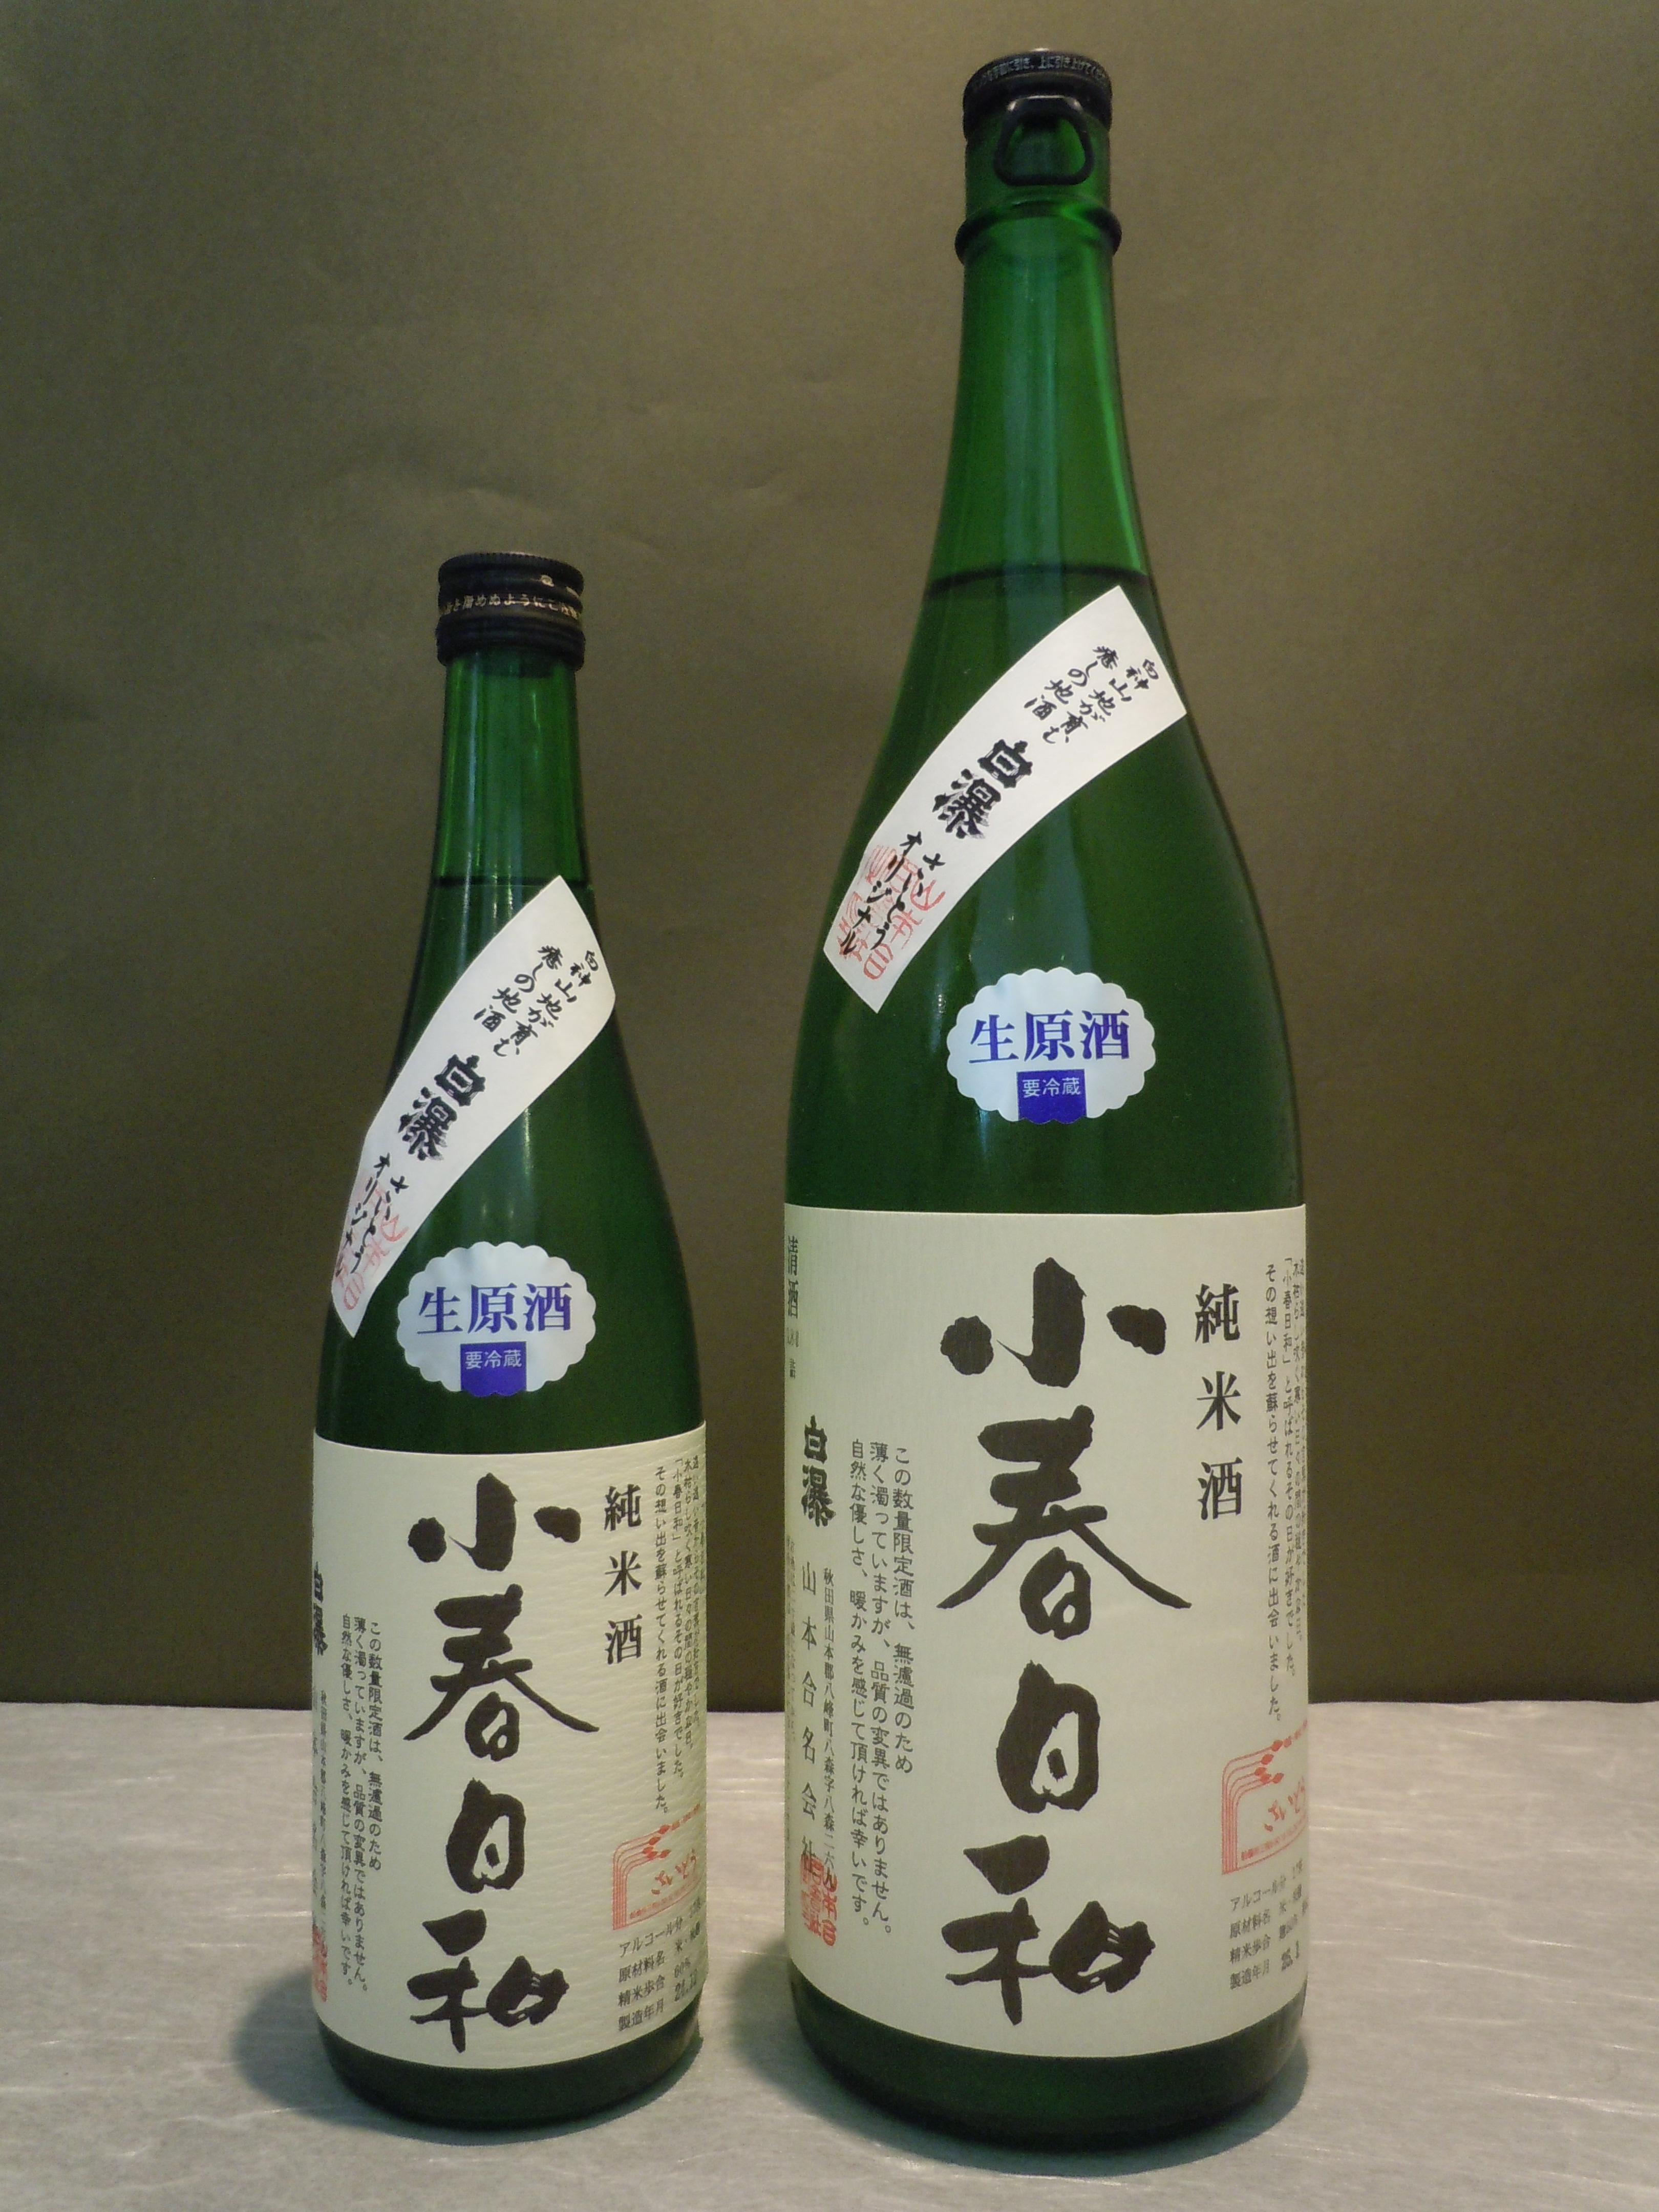 小春日和 純米酒 生原酒 720ml 1.8ℓ